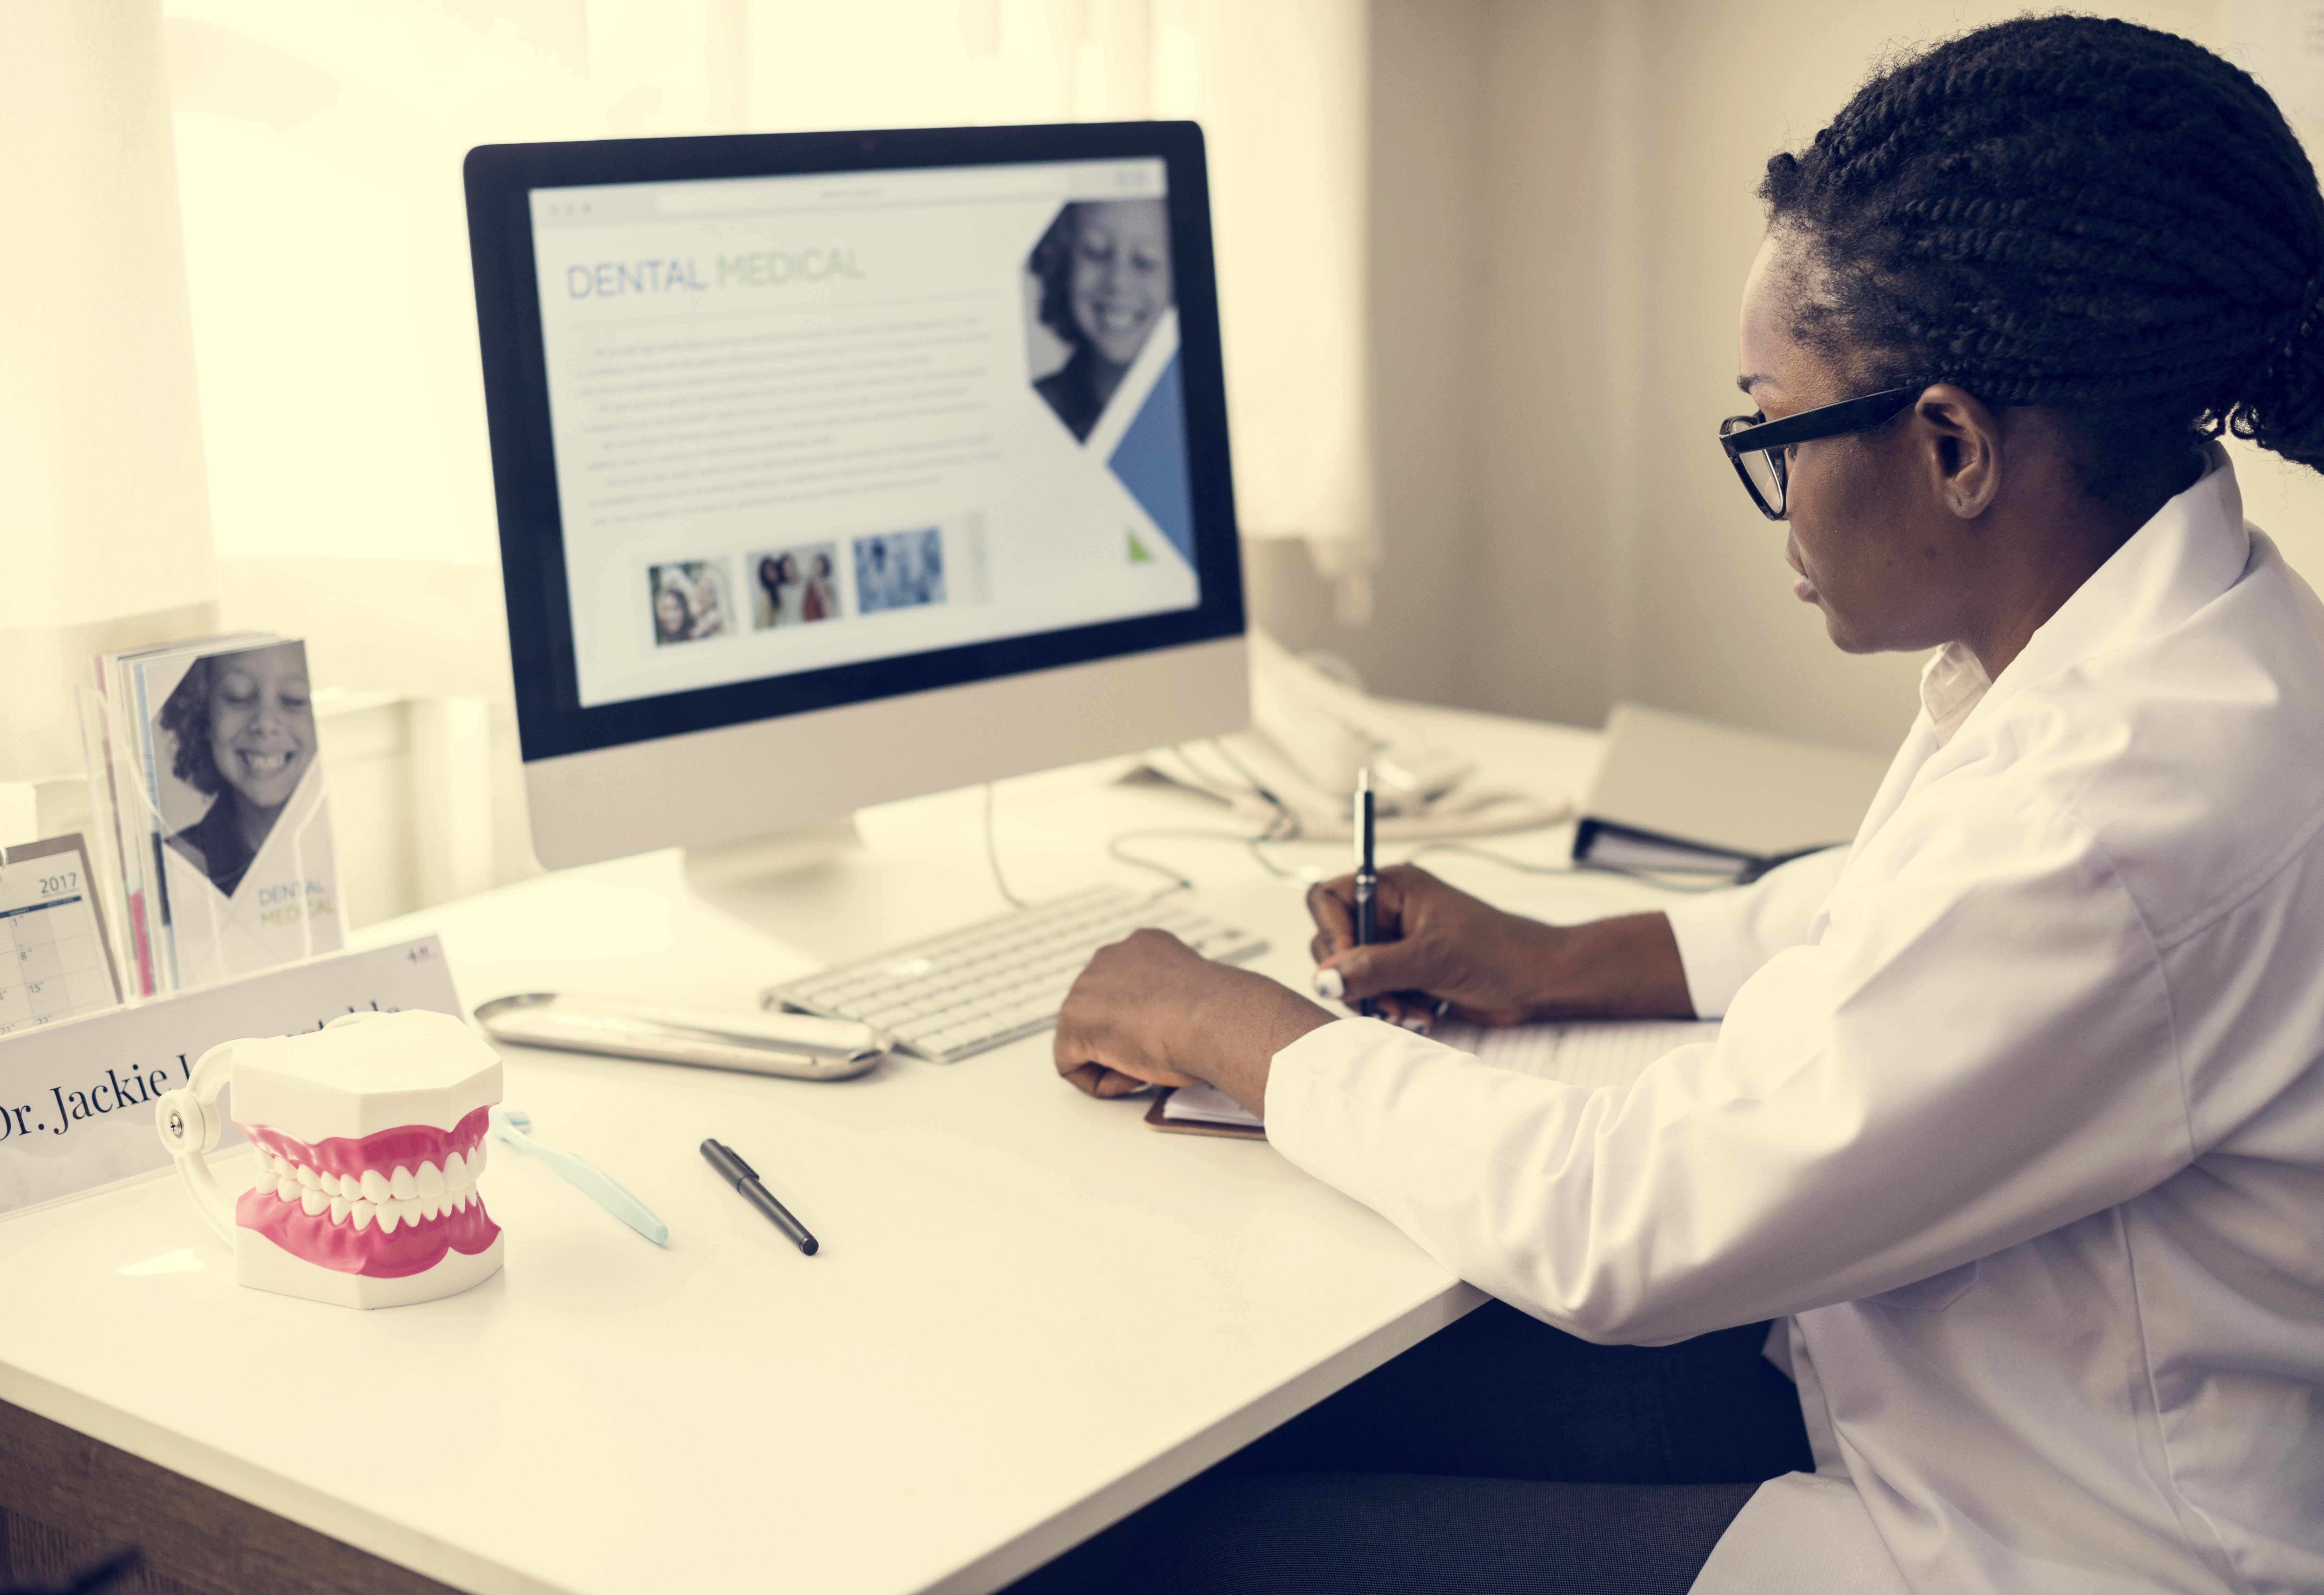 Clínicas dentárias com website atraem mais clientes